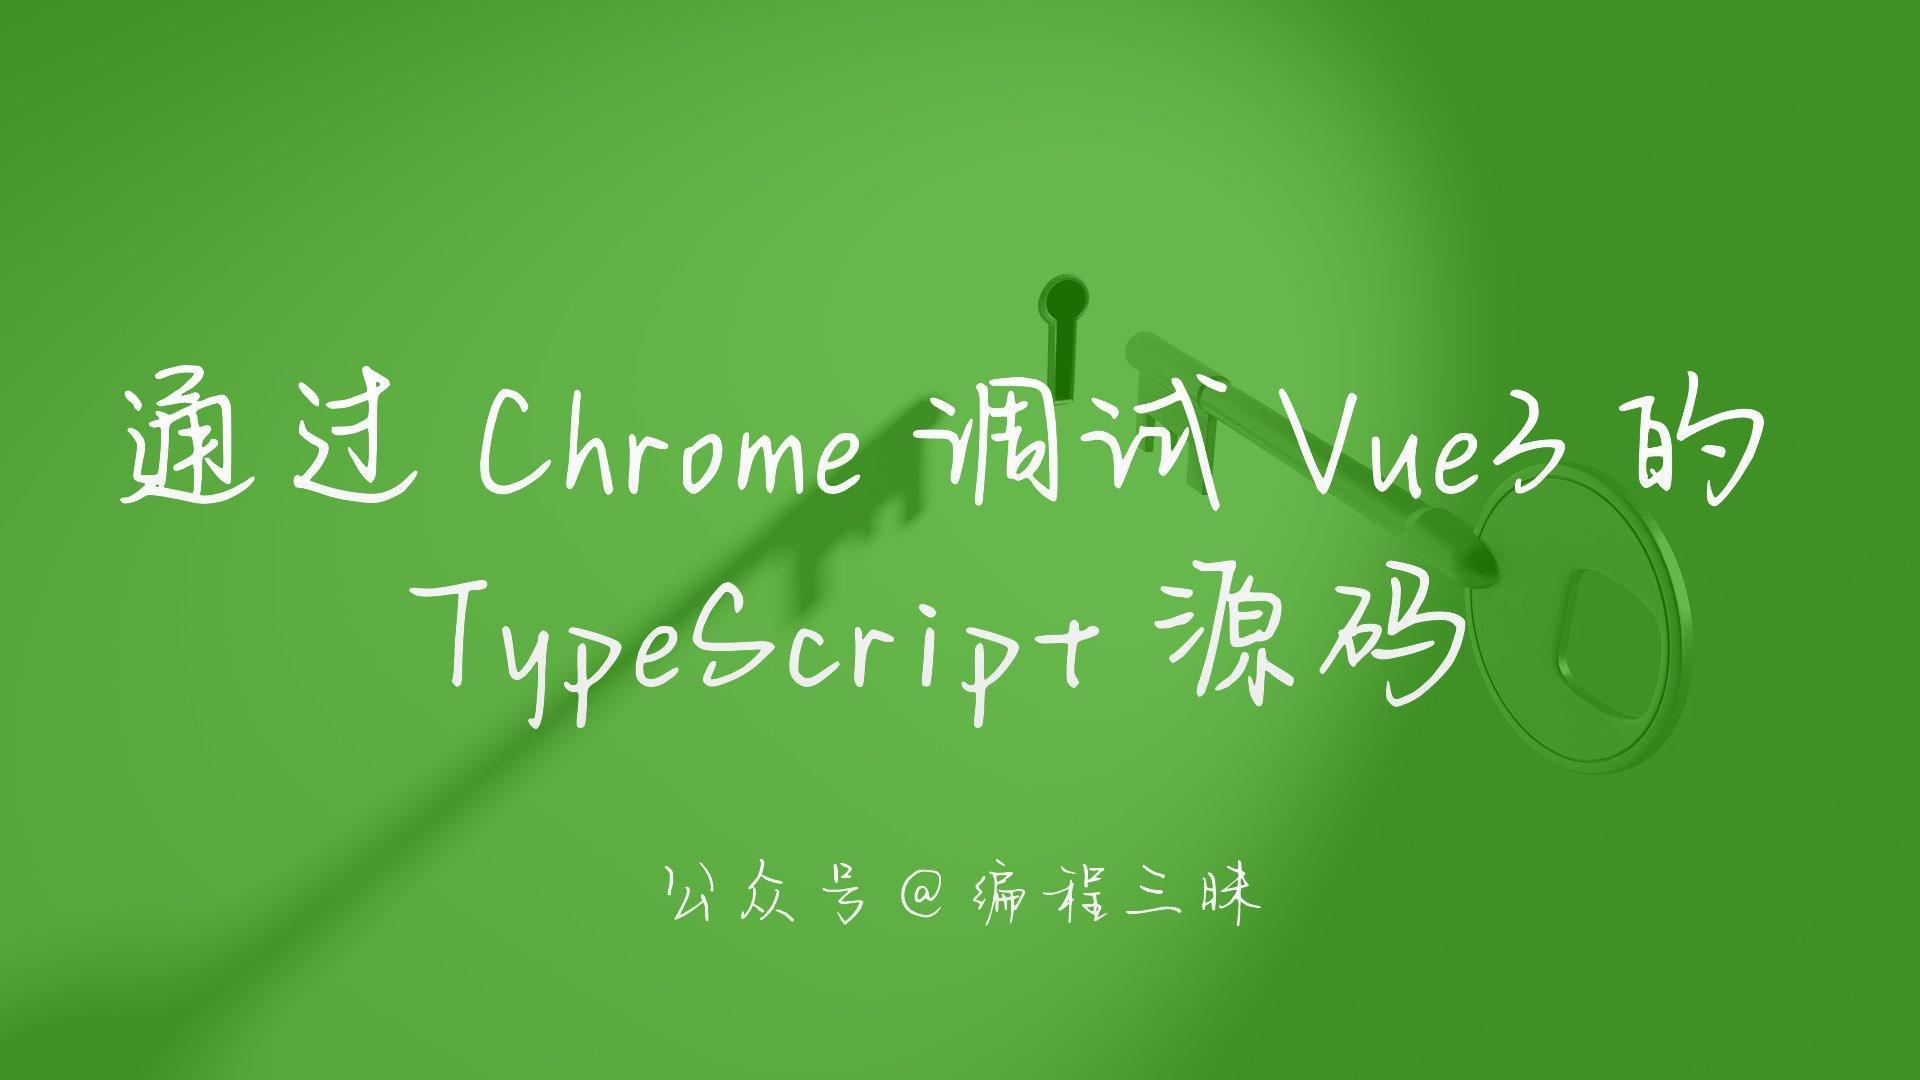 使用 Chrome 除錯 Vue3 的 TypeScript 原始碼